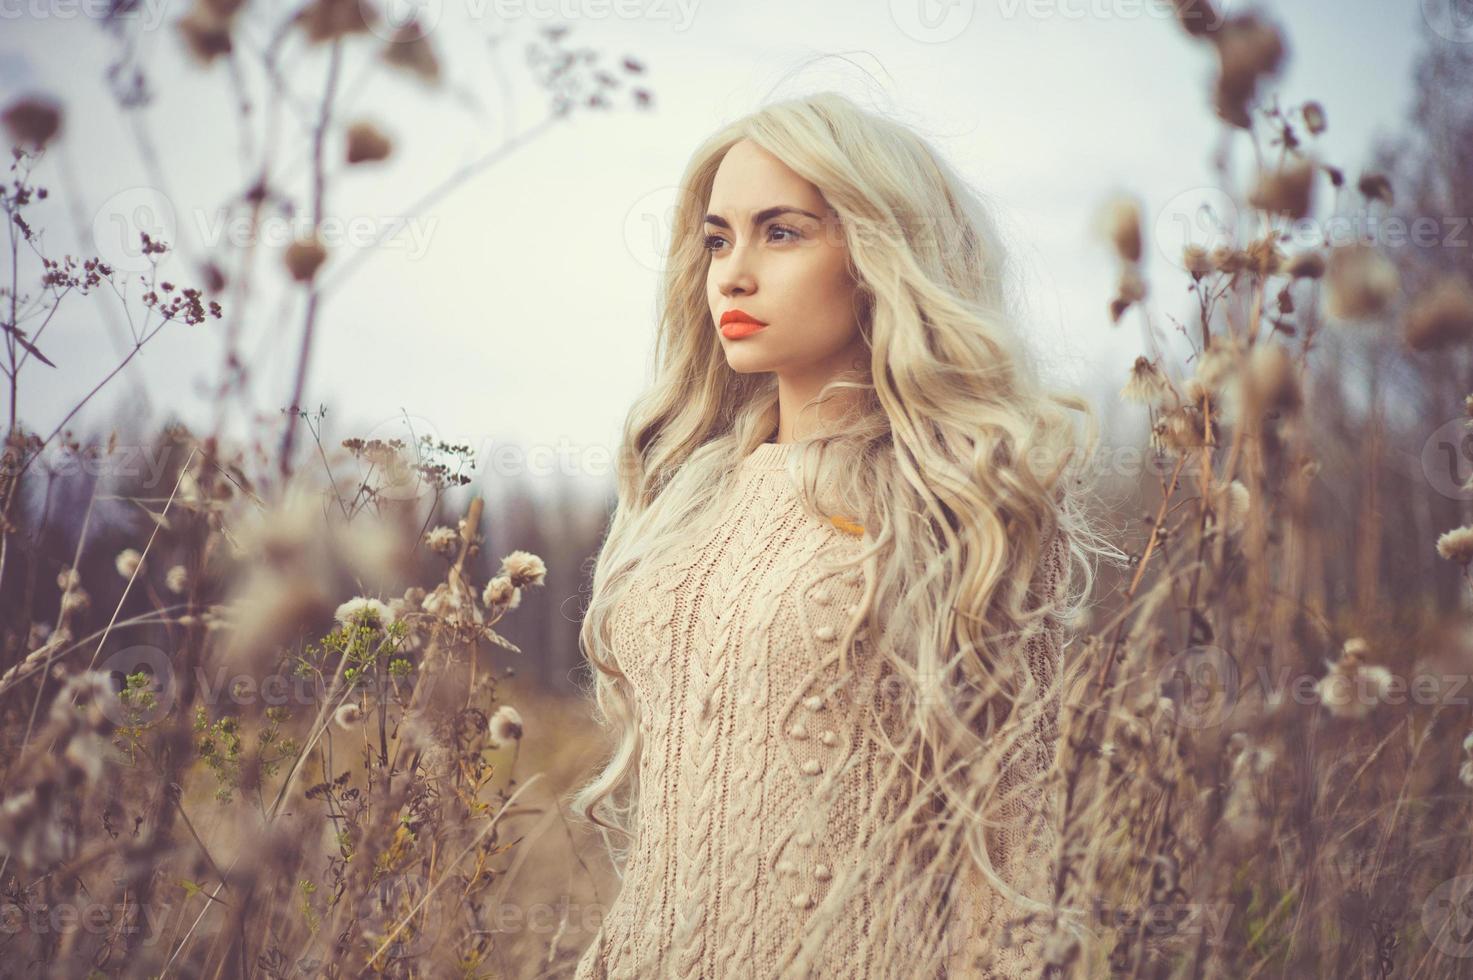 mooie dame in herfst landschap foto